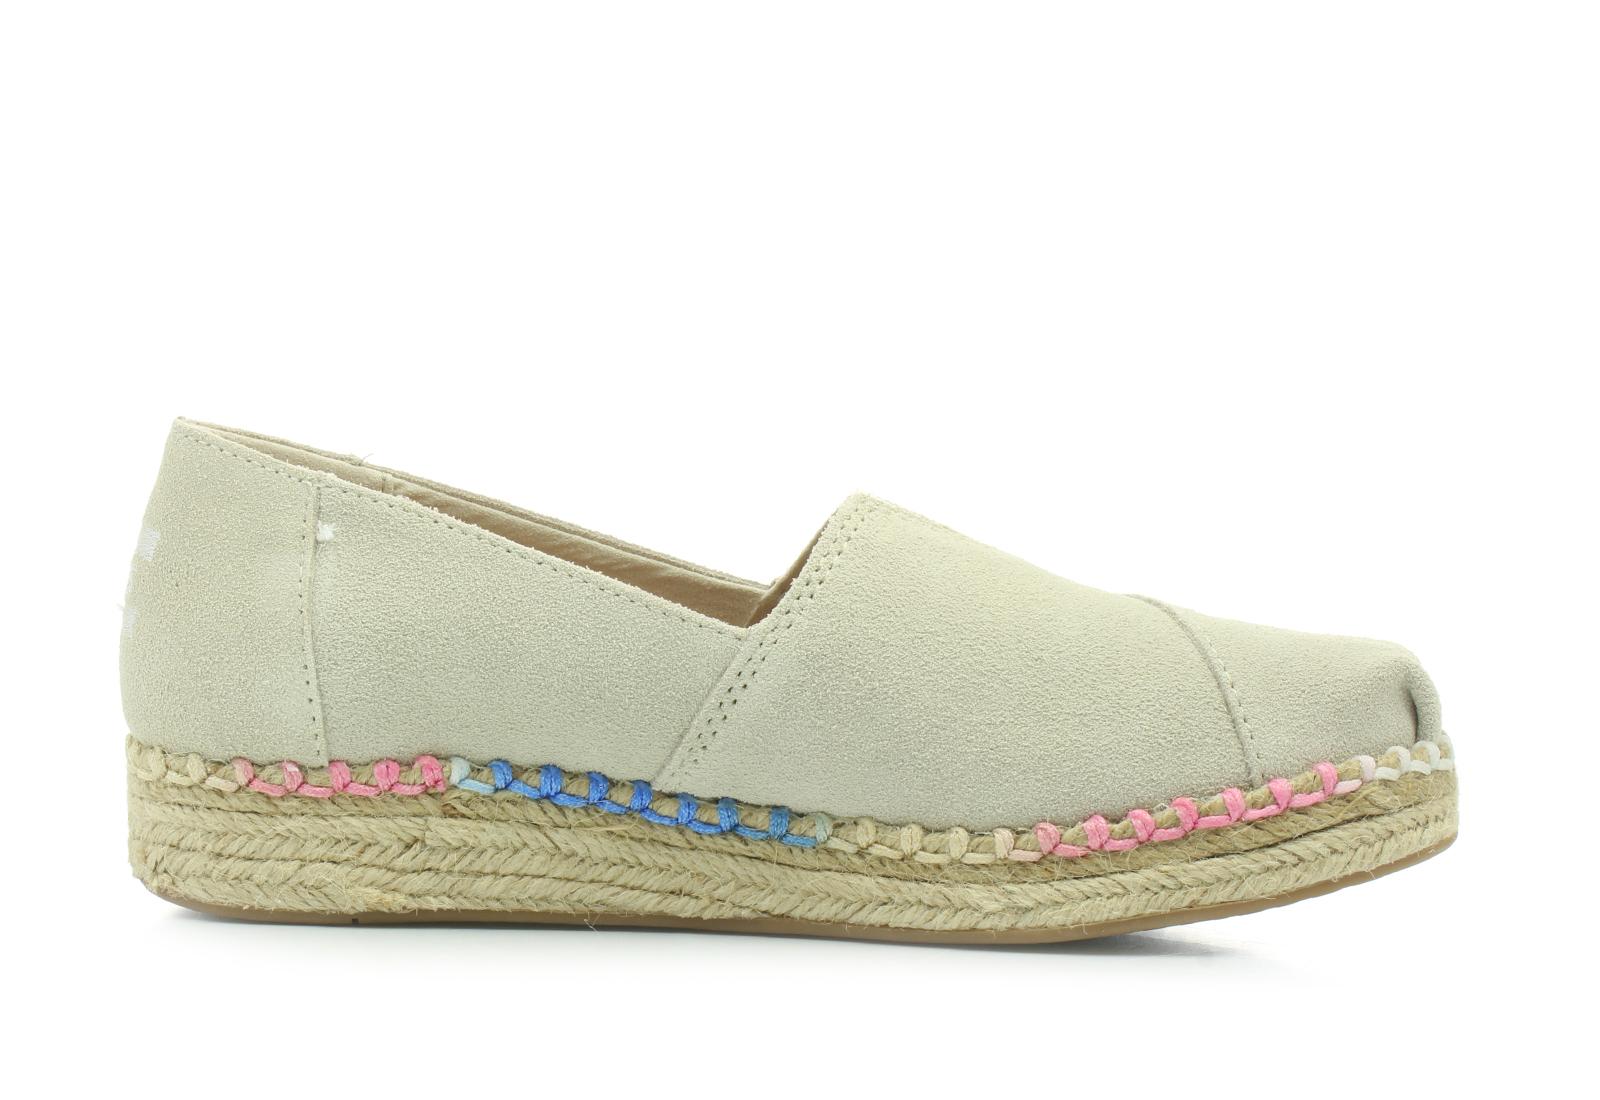 63a111f6012 Toms Shoes - Platform Alpargata - 10011940-nat - Online shop for ...